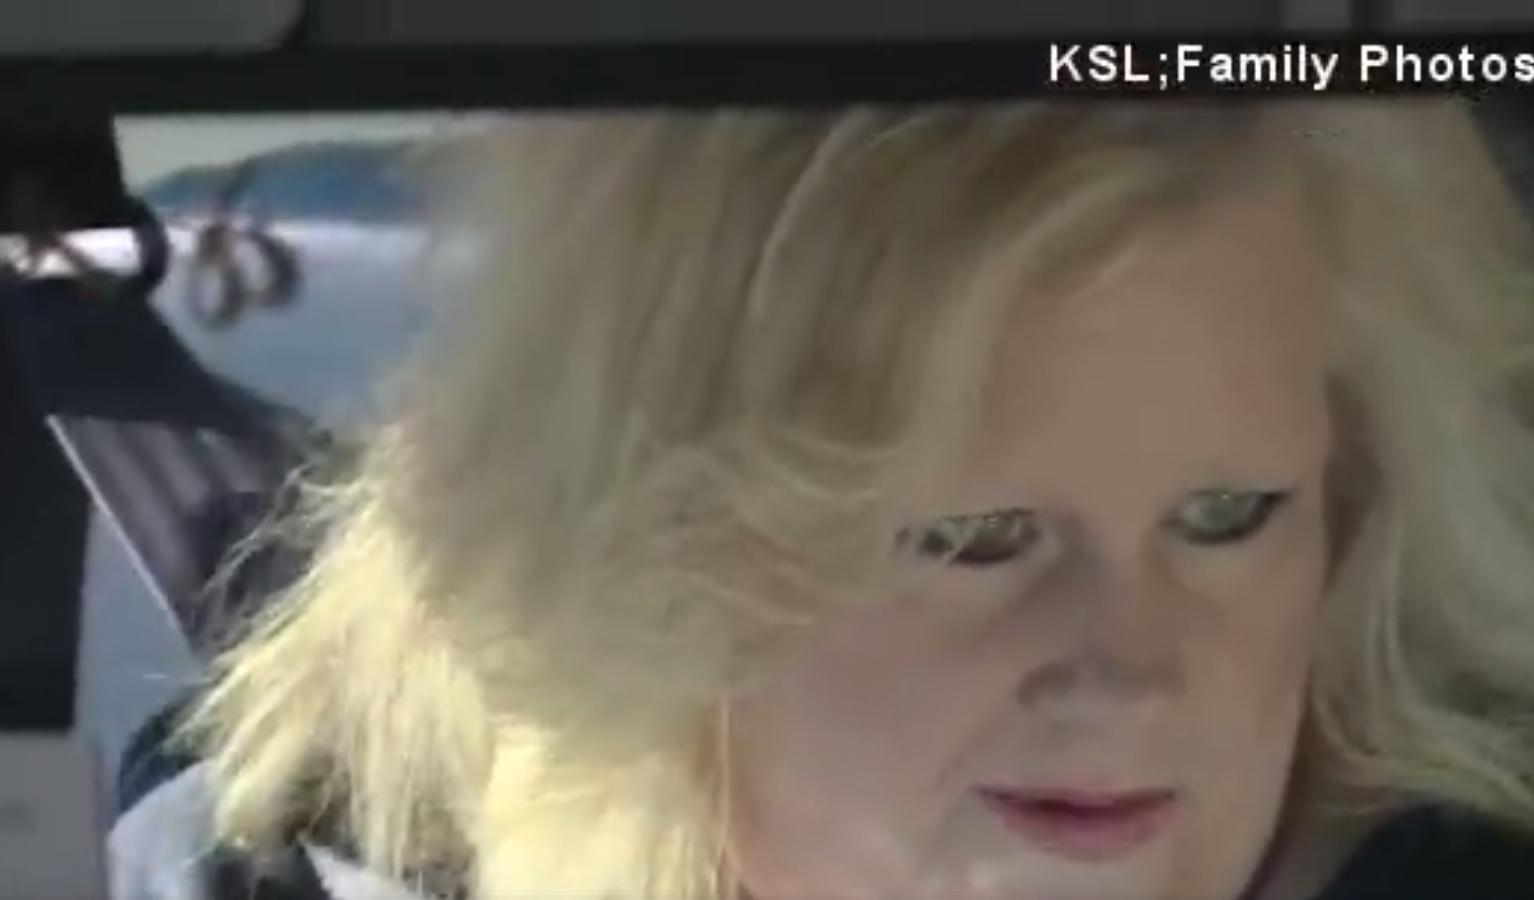 Motorista de ônibus faz trança todas as manhãs em garota que perdeu a mãe 4